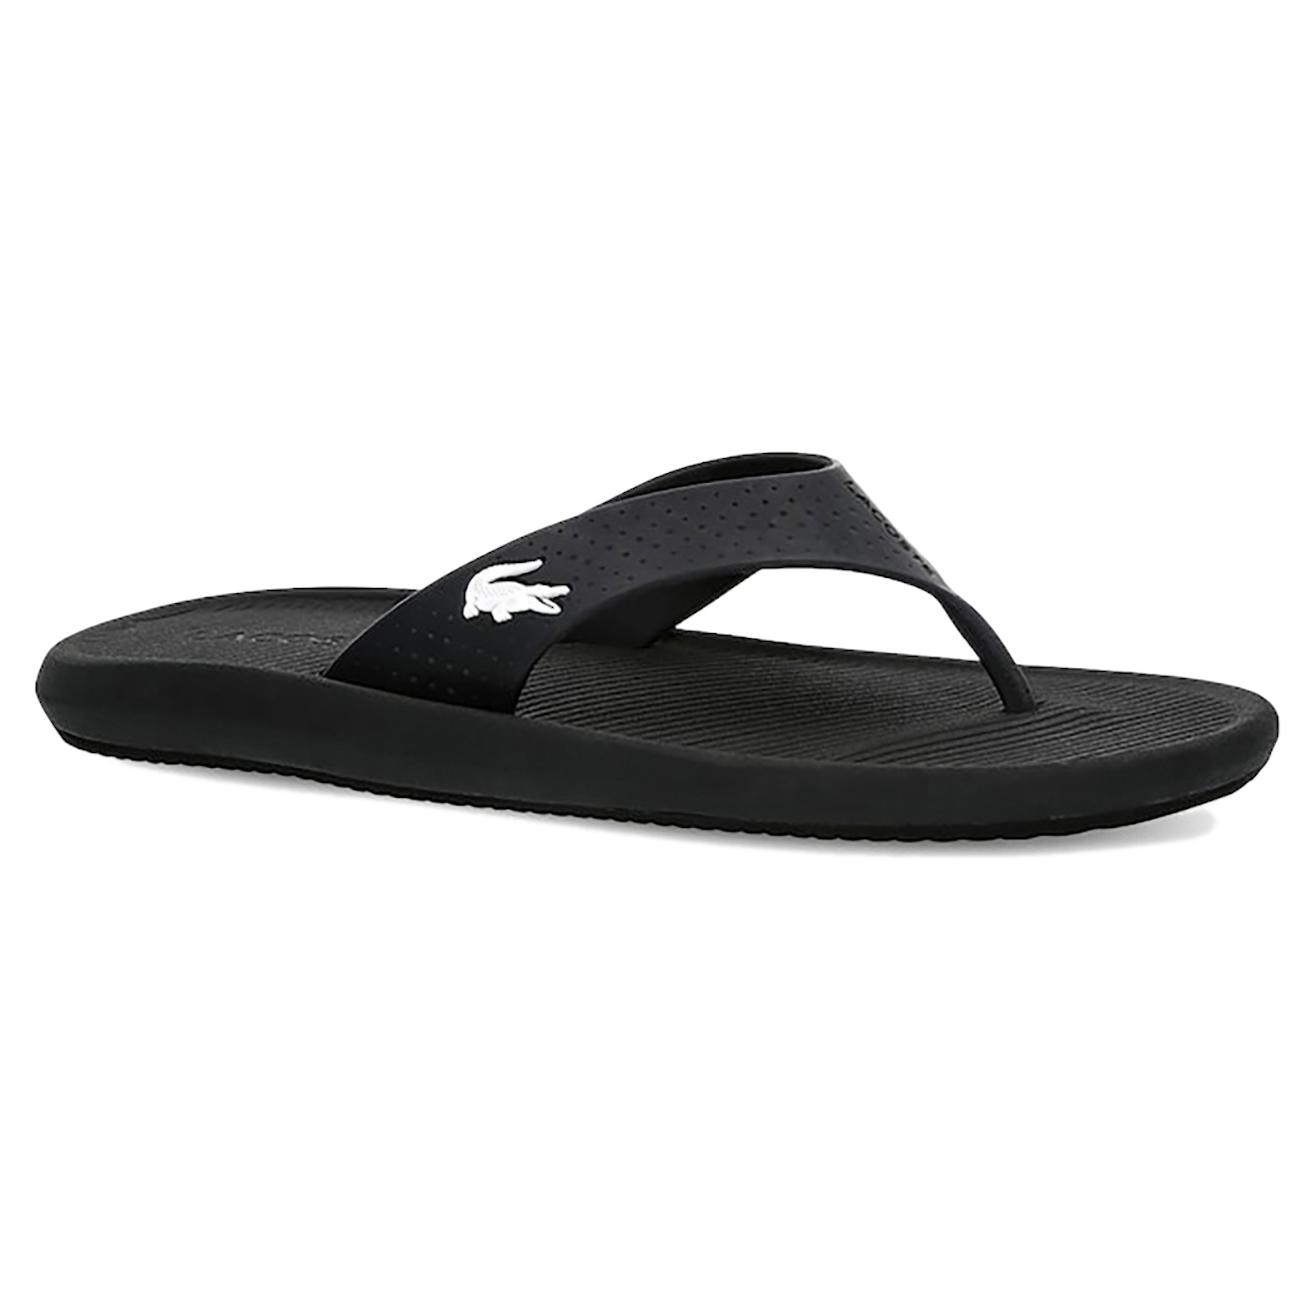 Lacoste Croco Sandal 219 1 Women